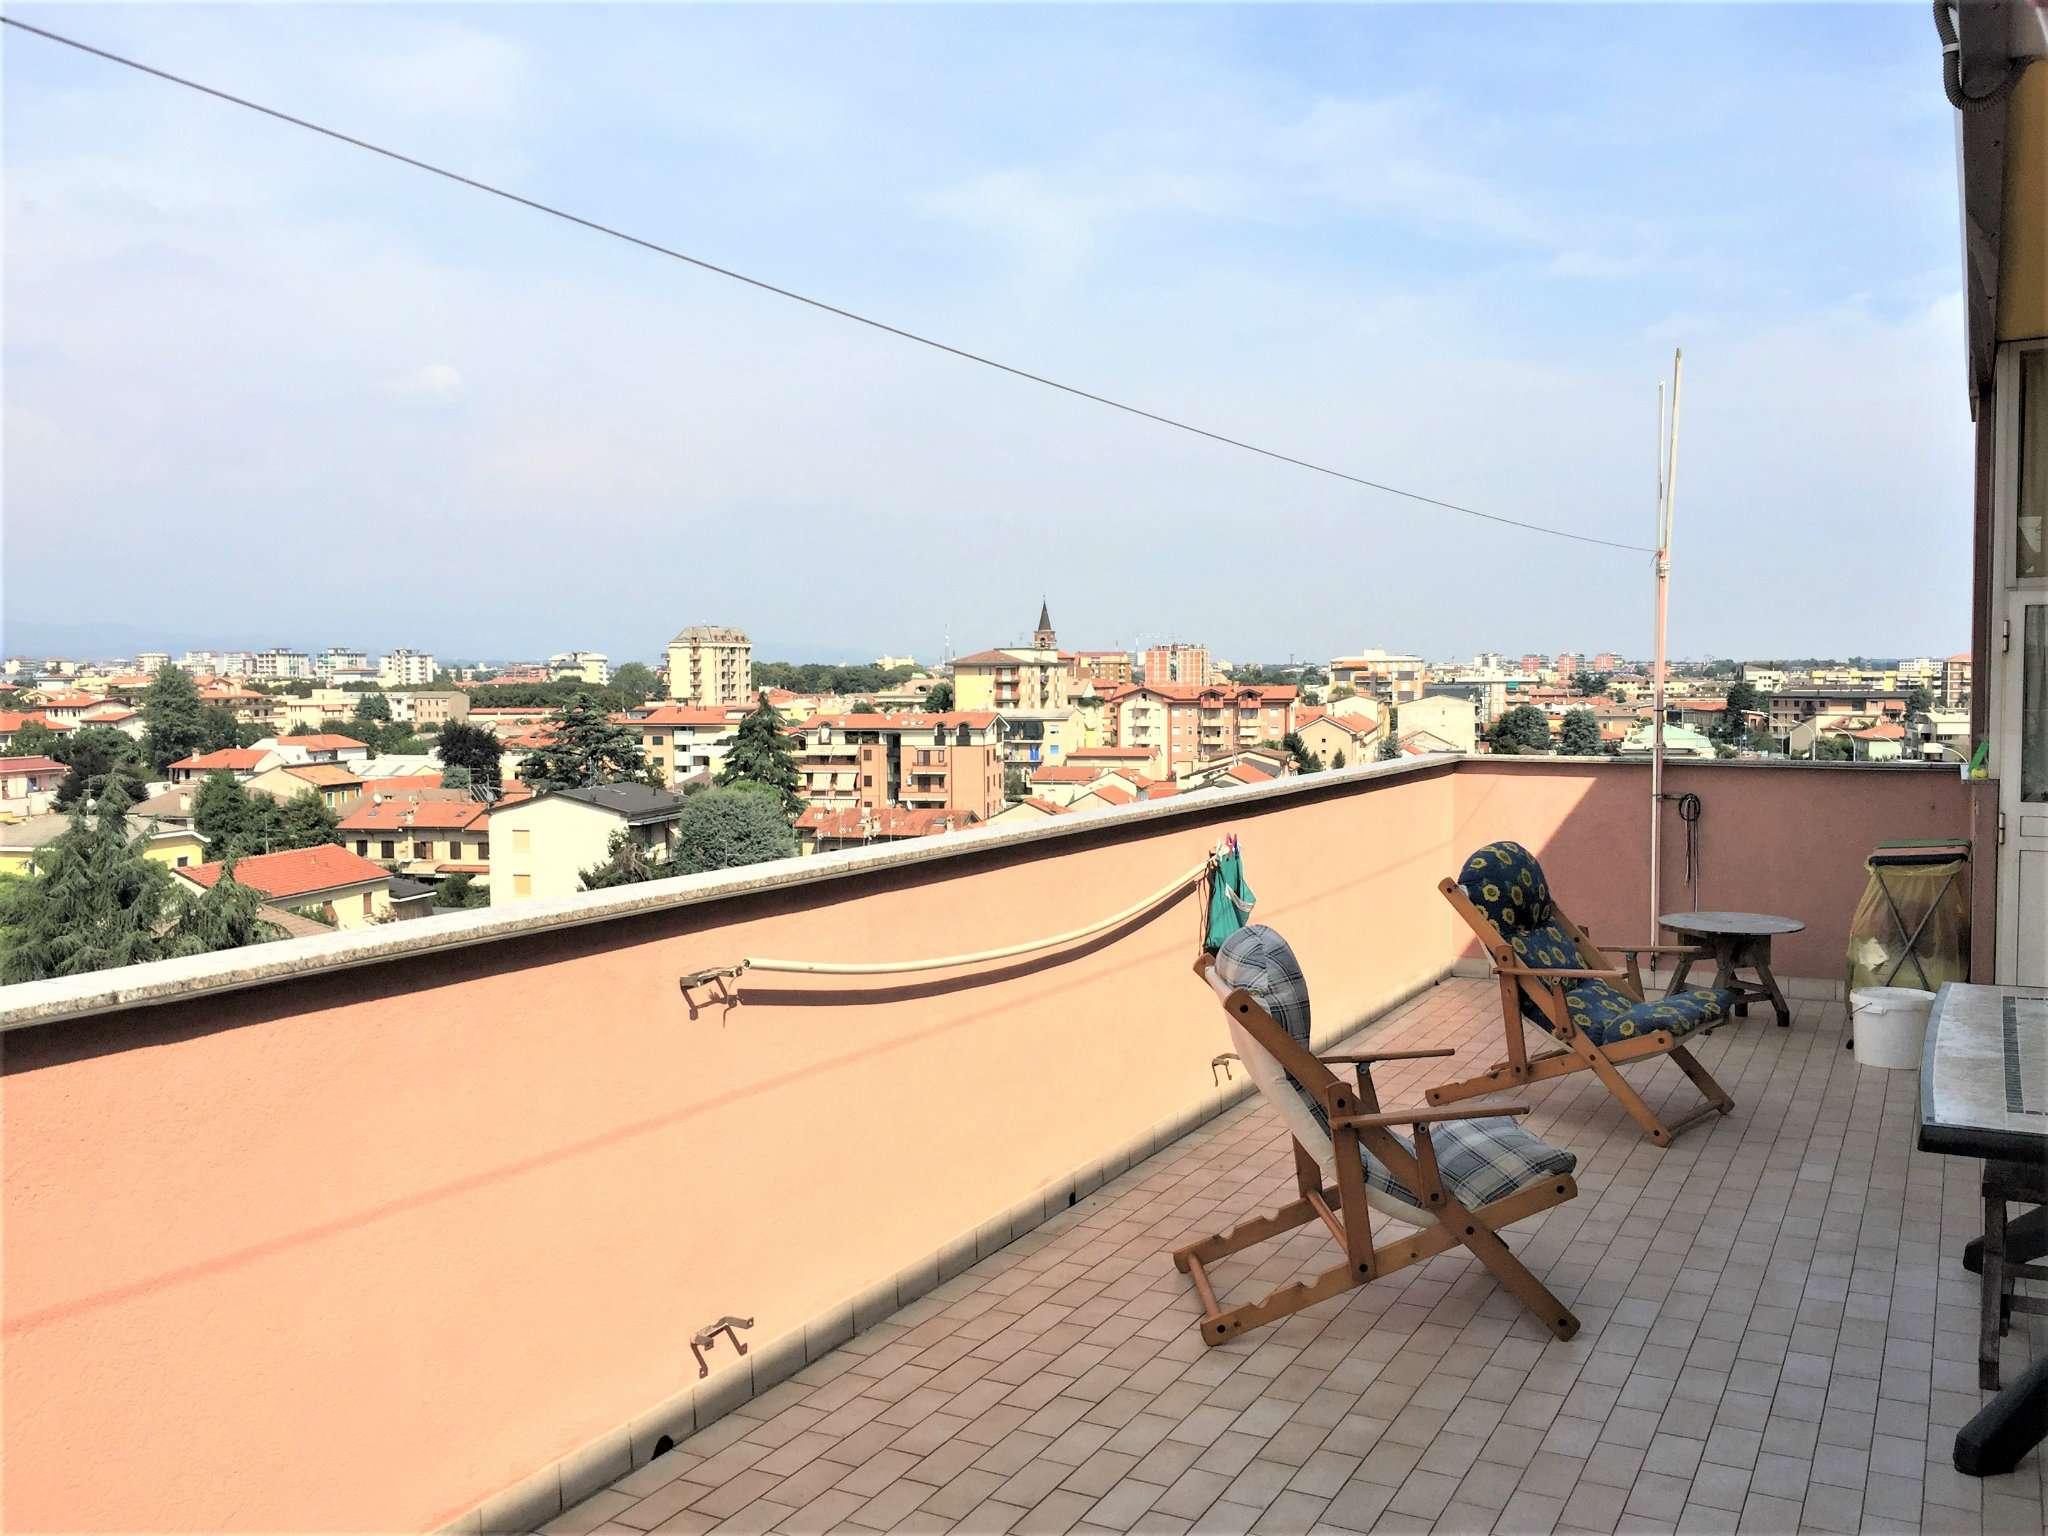 Attico / Mansarda in vendita a Muggiò, 4 locali, prezzo € 215.000 | Cambio Casa.it